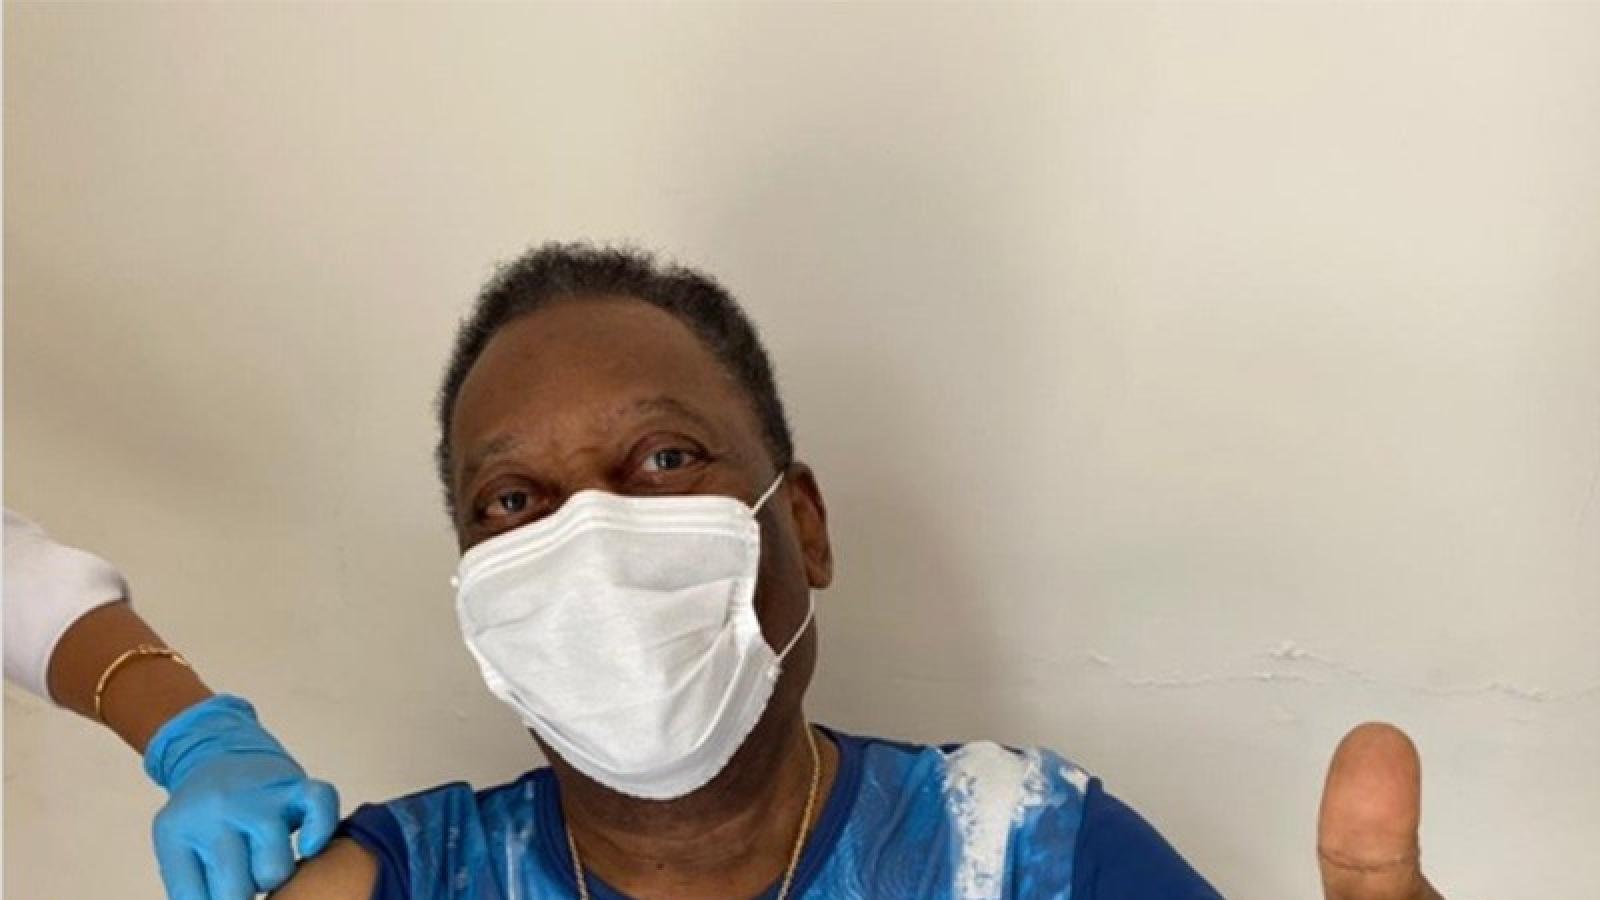 Huyền thoại bóng đá Pele được ưu tiên tiêm vaccine ngừa Covid-19